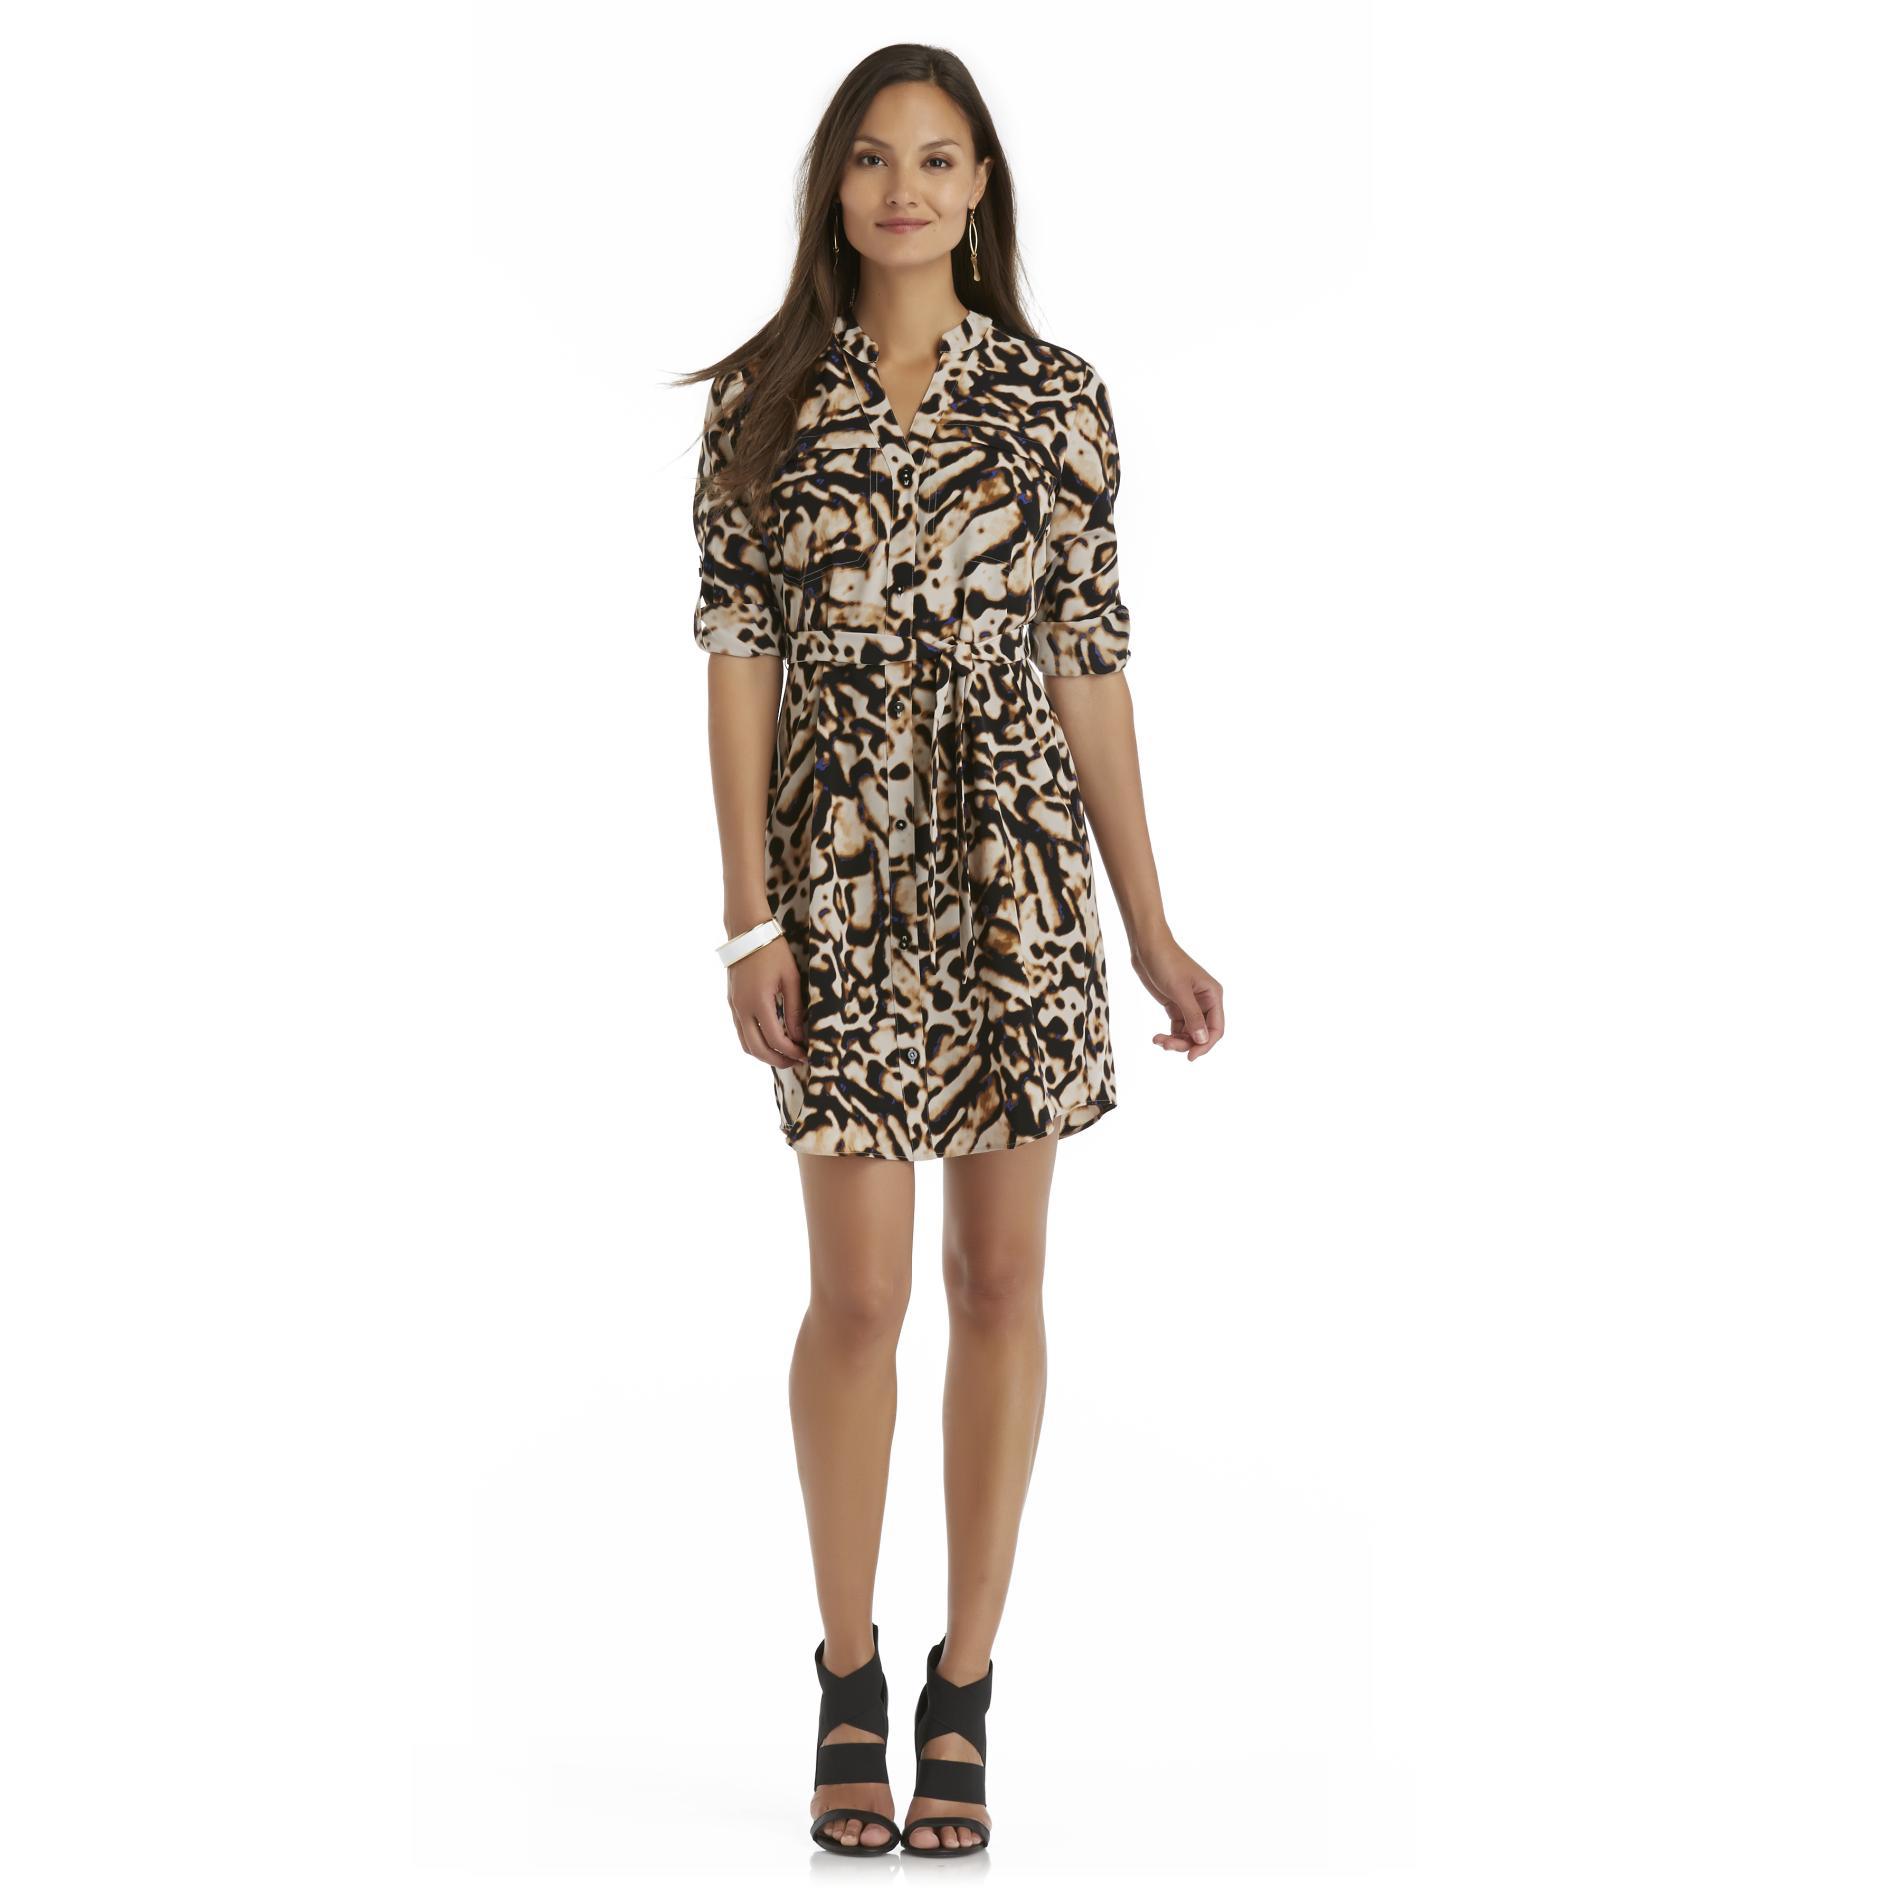 Attention Women's Shirtdress & Belt - Leopard Print - Clothing - Women's - Dresses